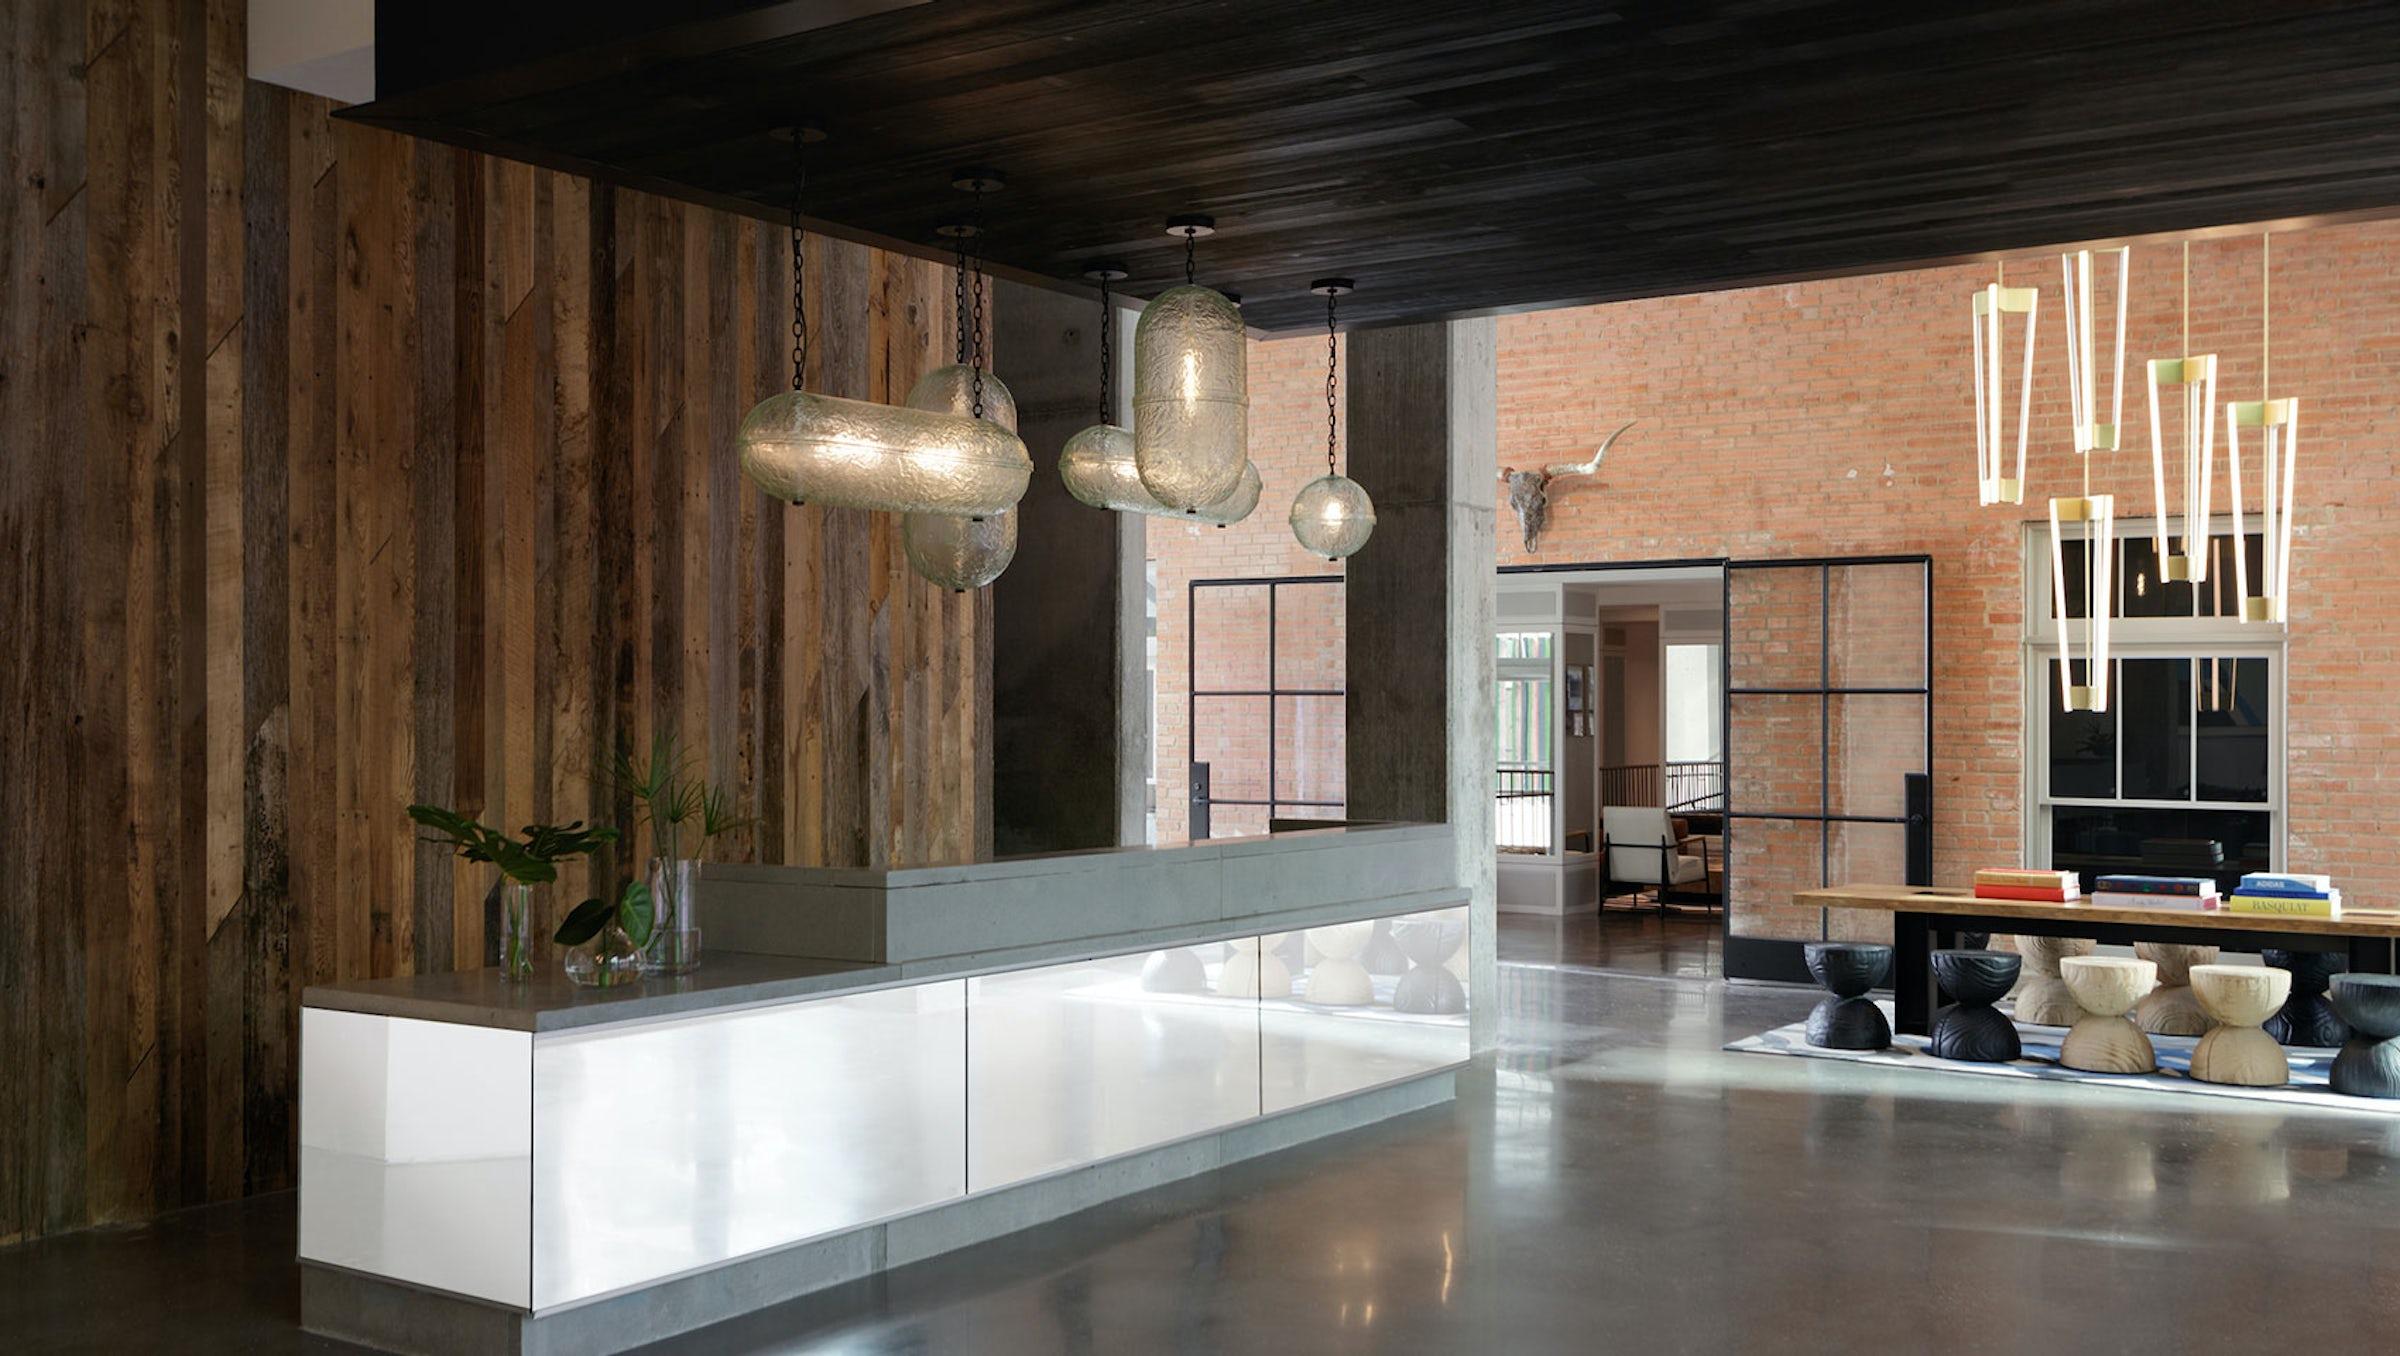 The Pittman Hotel, a Kimpton Property in Beyond Dallas